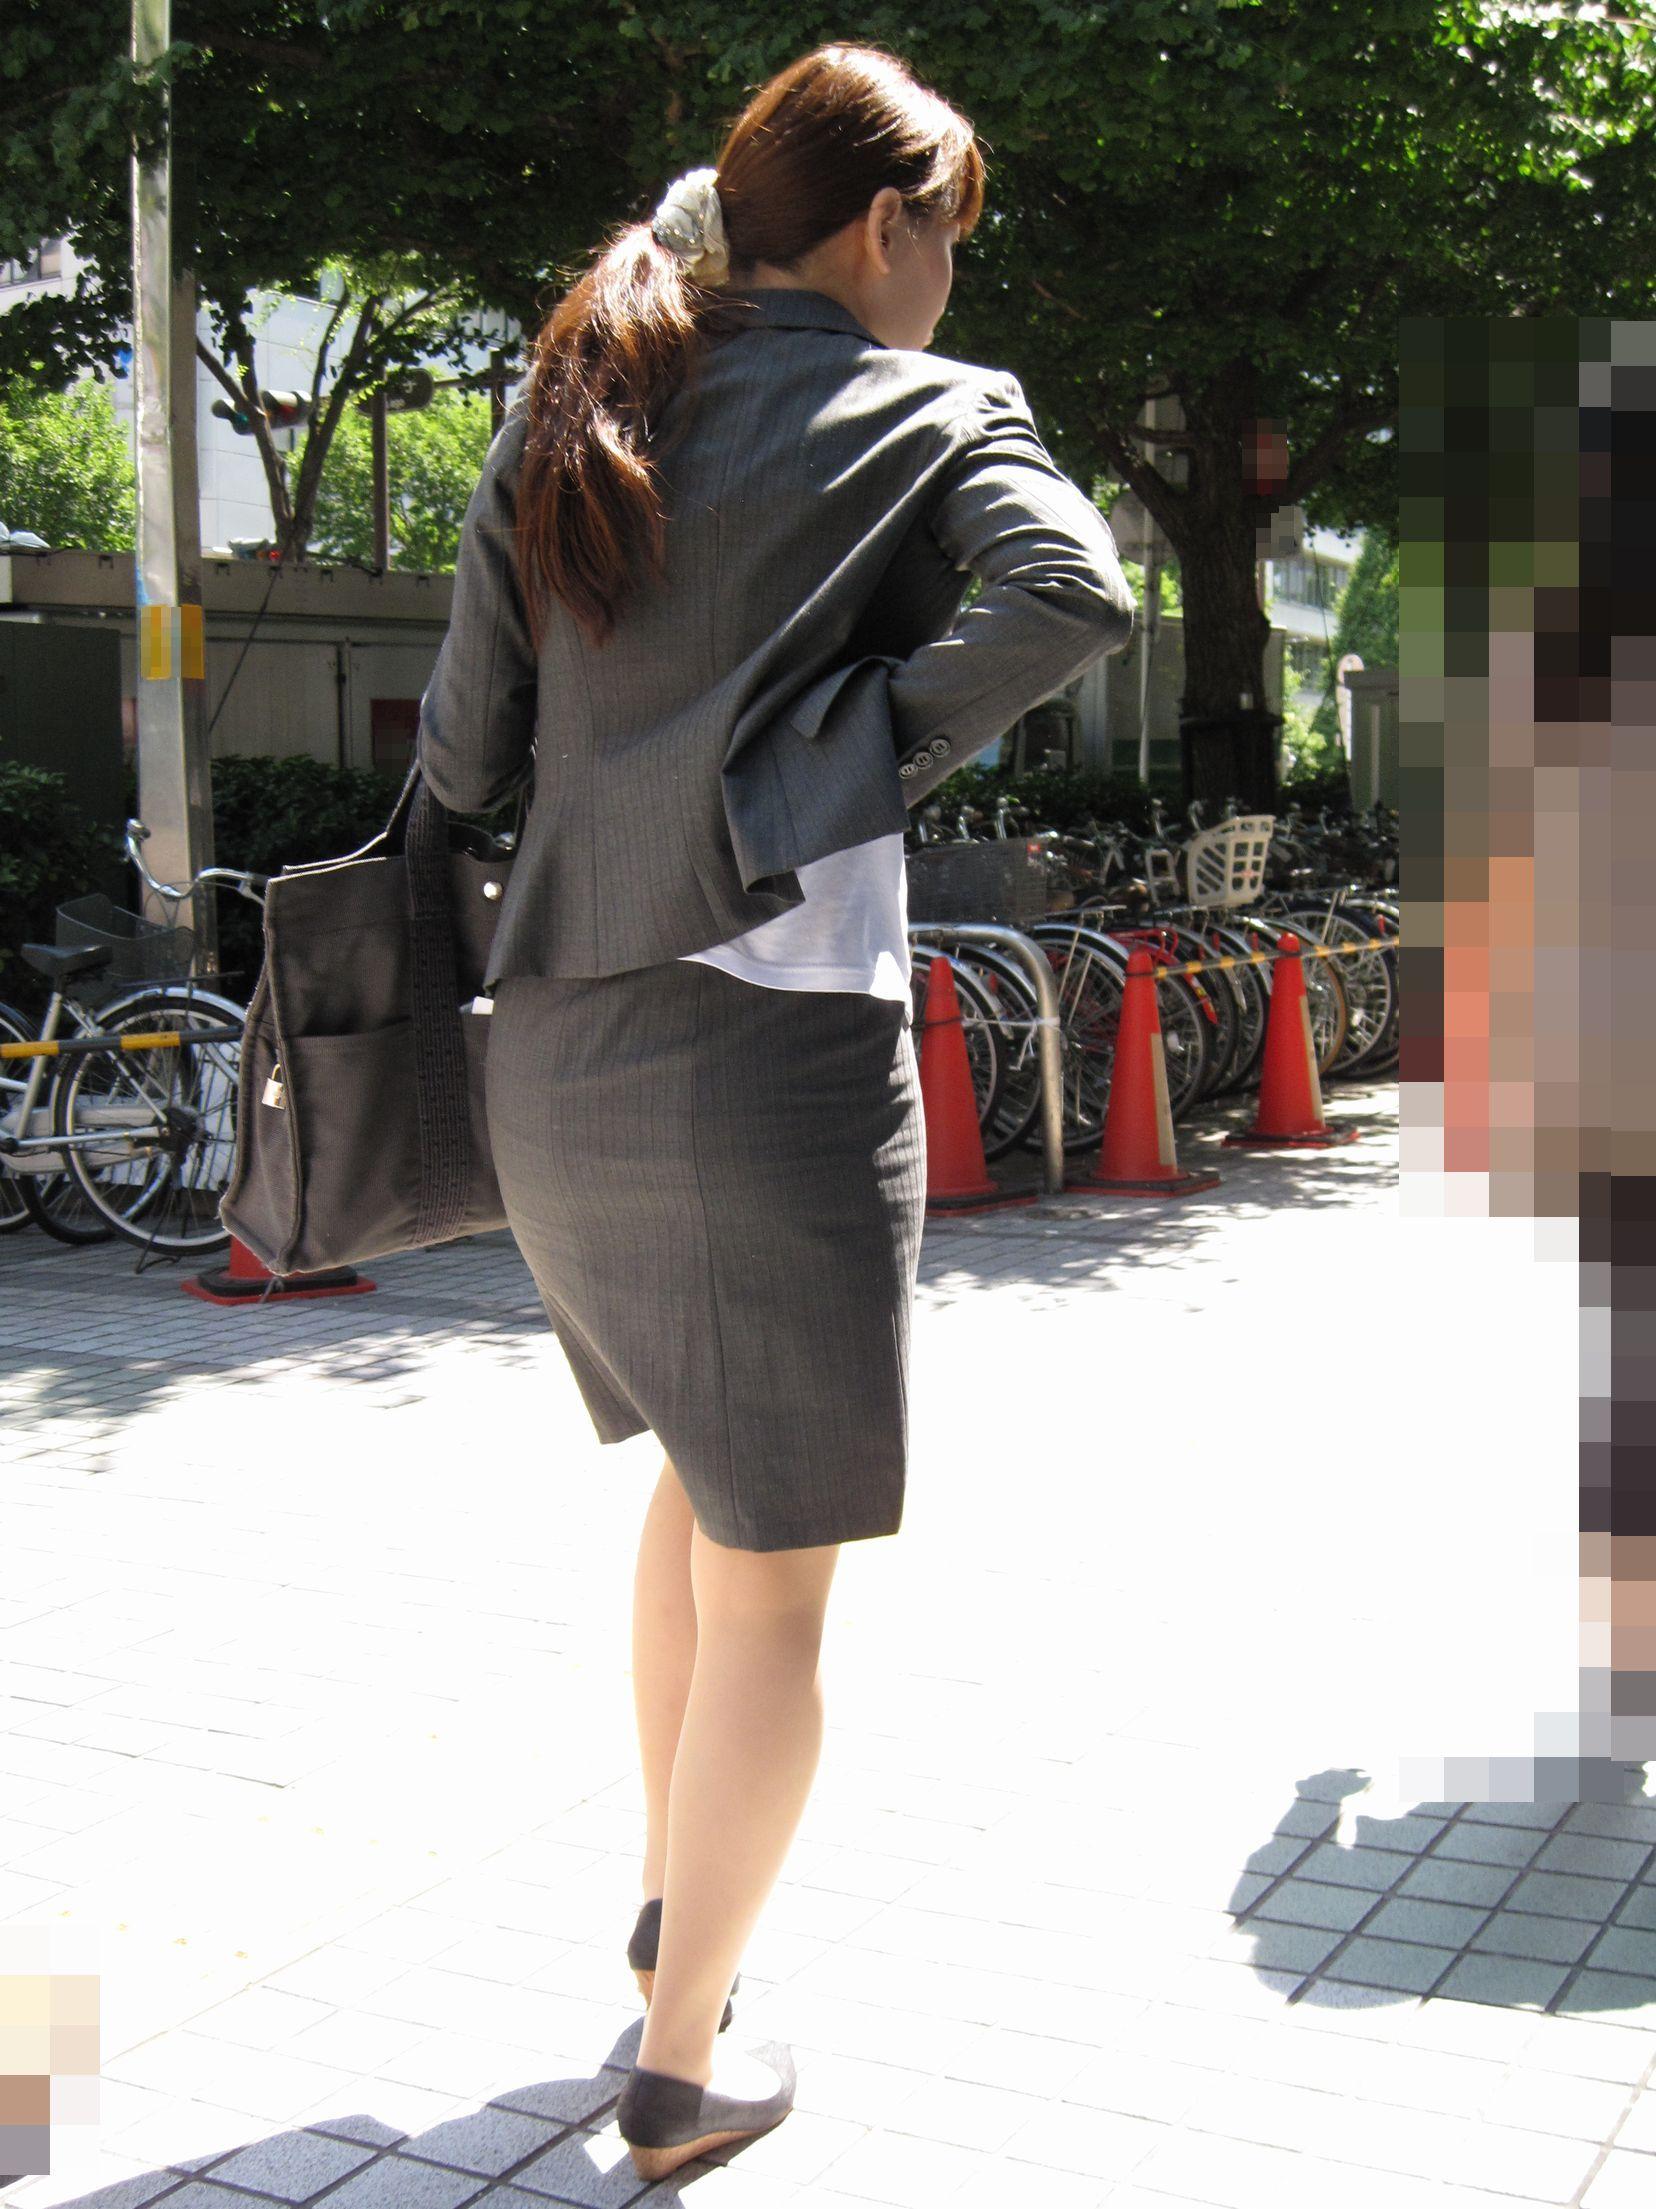 就活OLのお散歩ローターを隠して歩く街撮り淫乱エロ画像4枚目